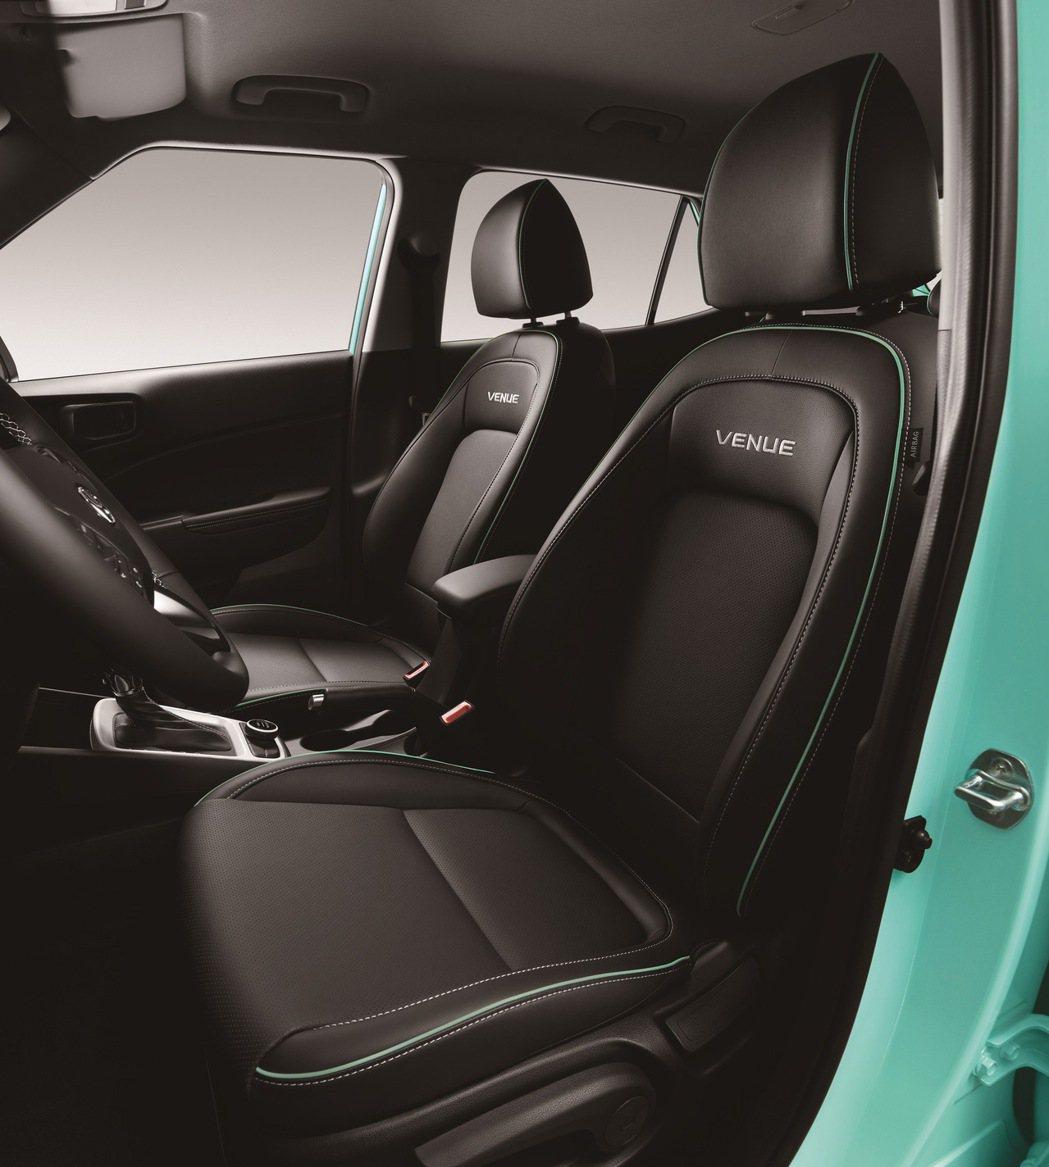 座椅滾邊同車色(圖為堤芬妮藍)。 圖/南陽實業提供